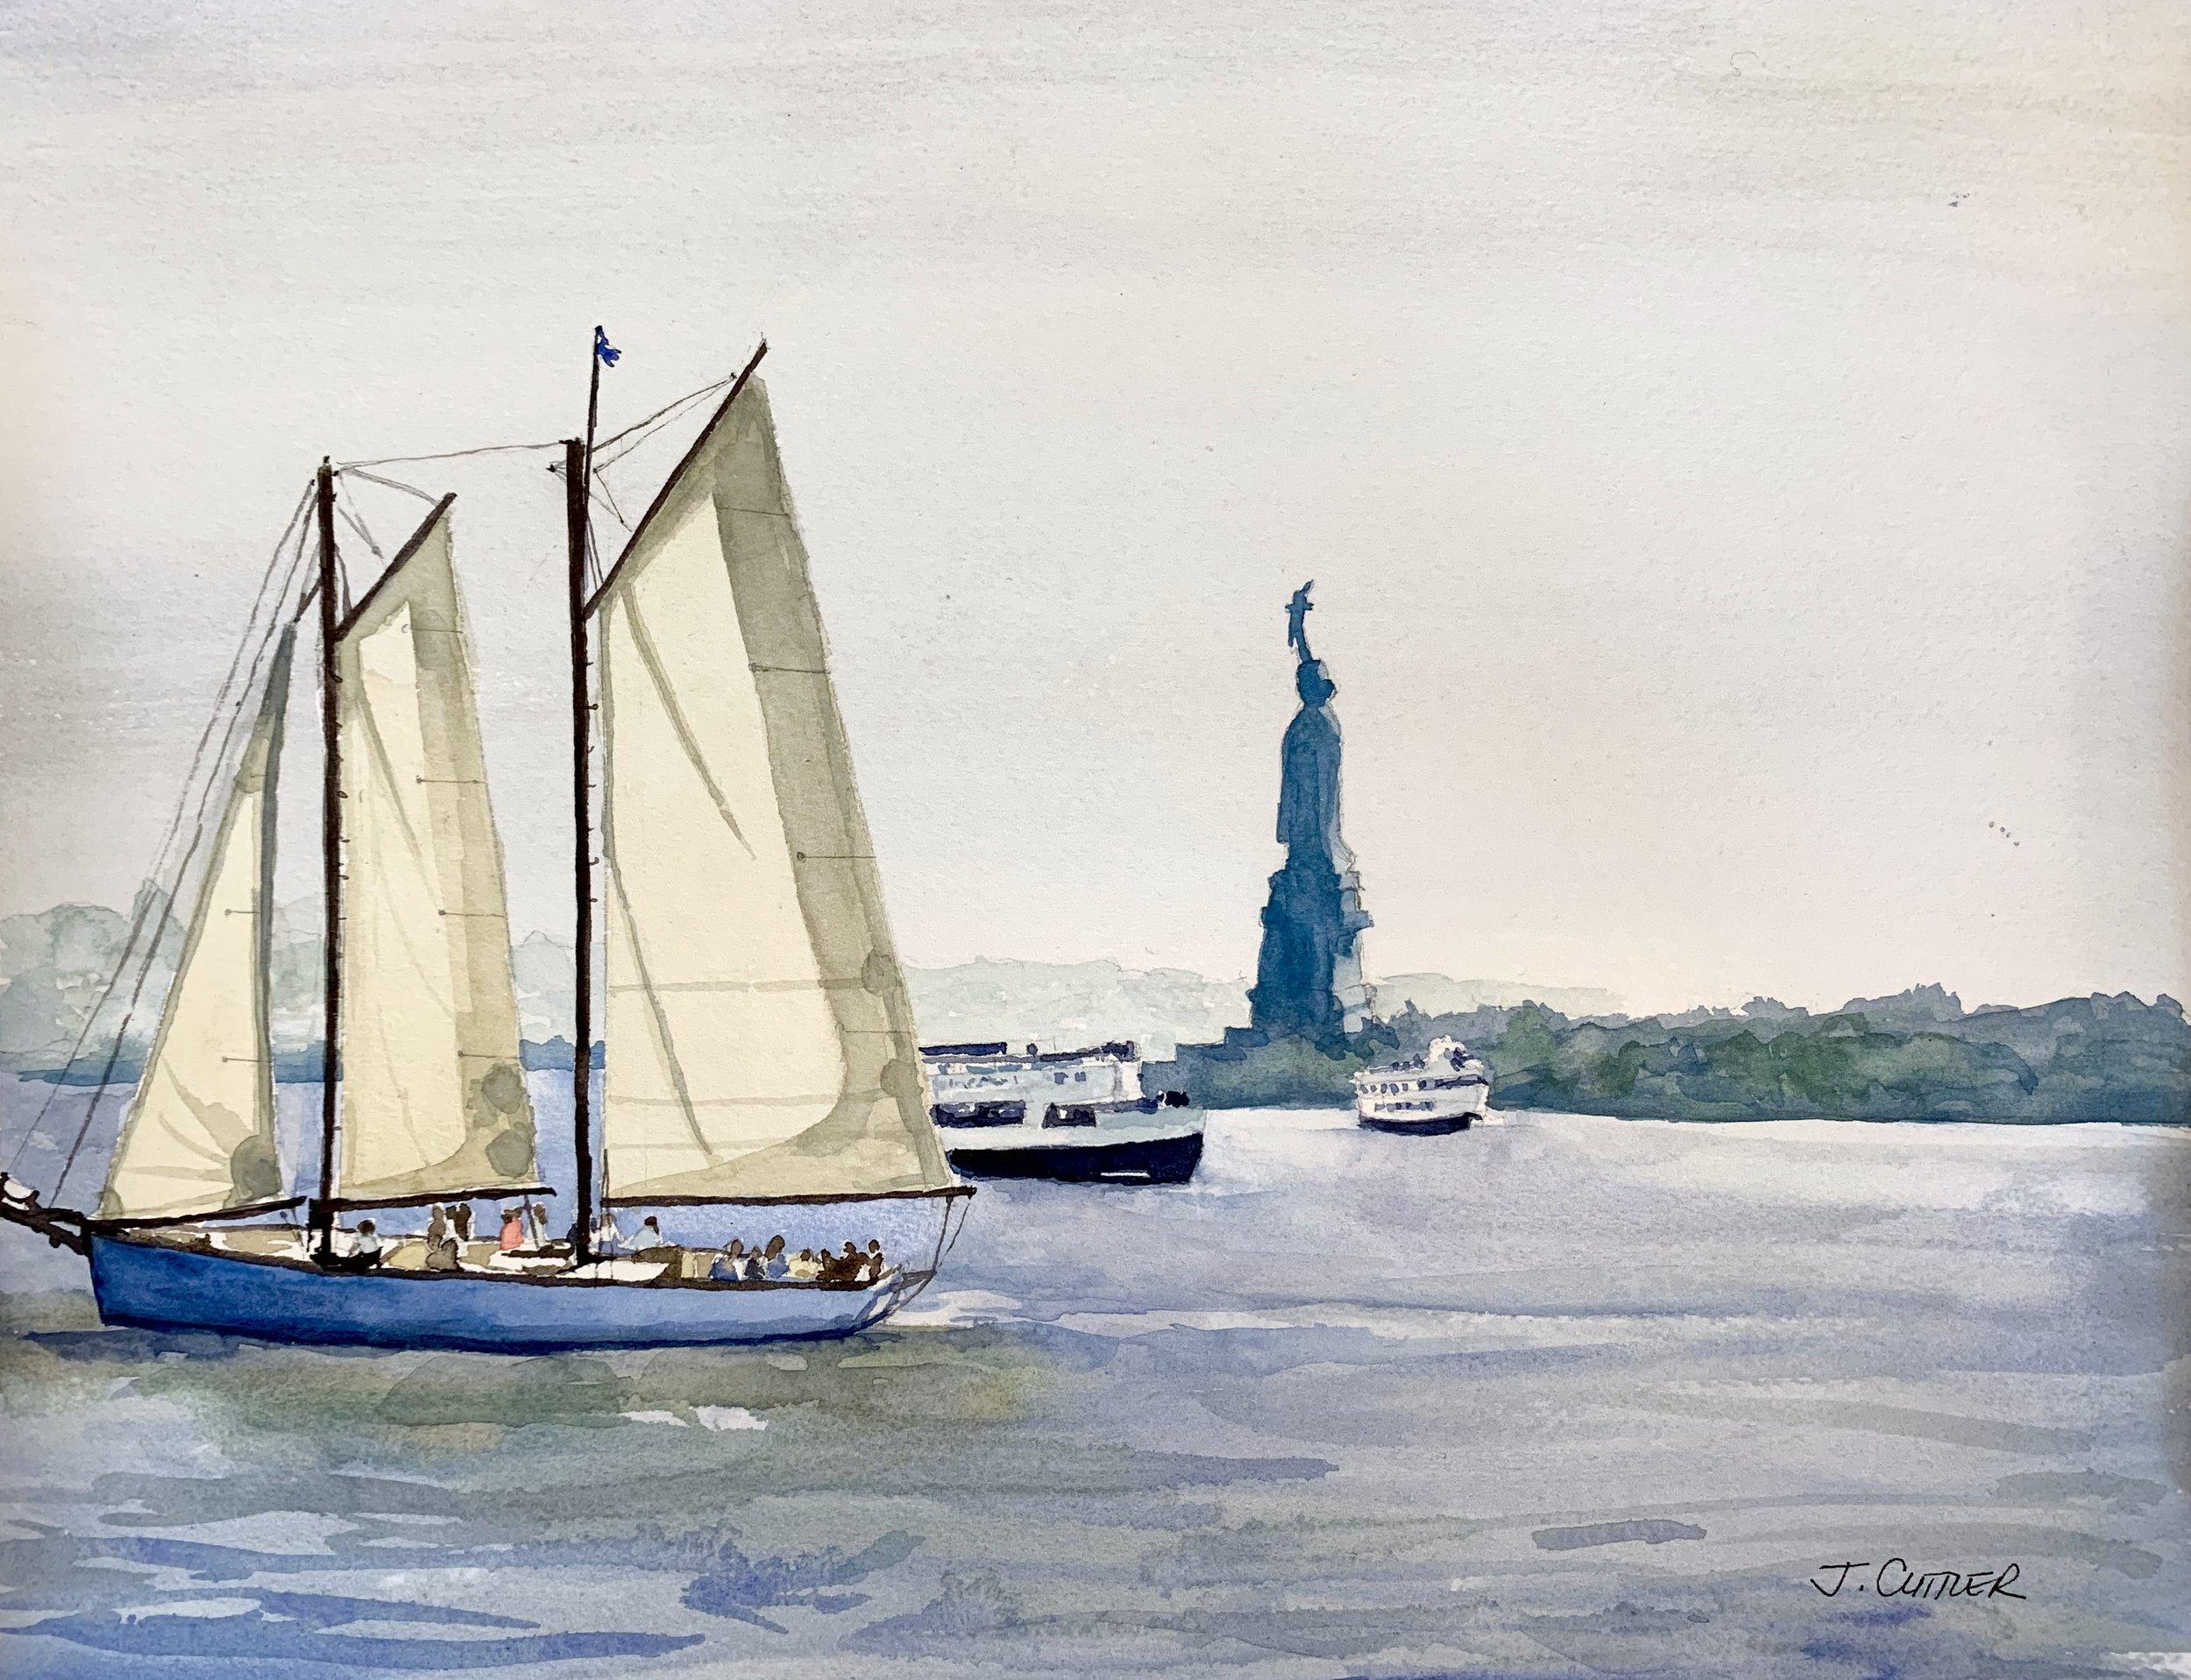 Lady Liberty, Joanne Cuttler